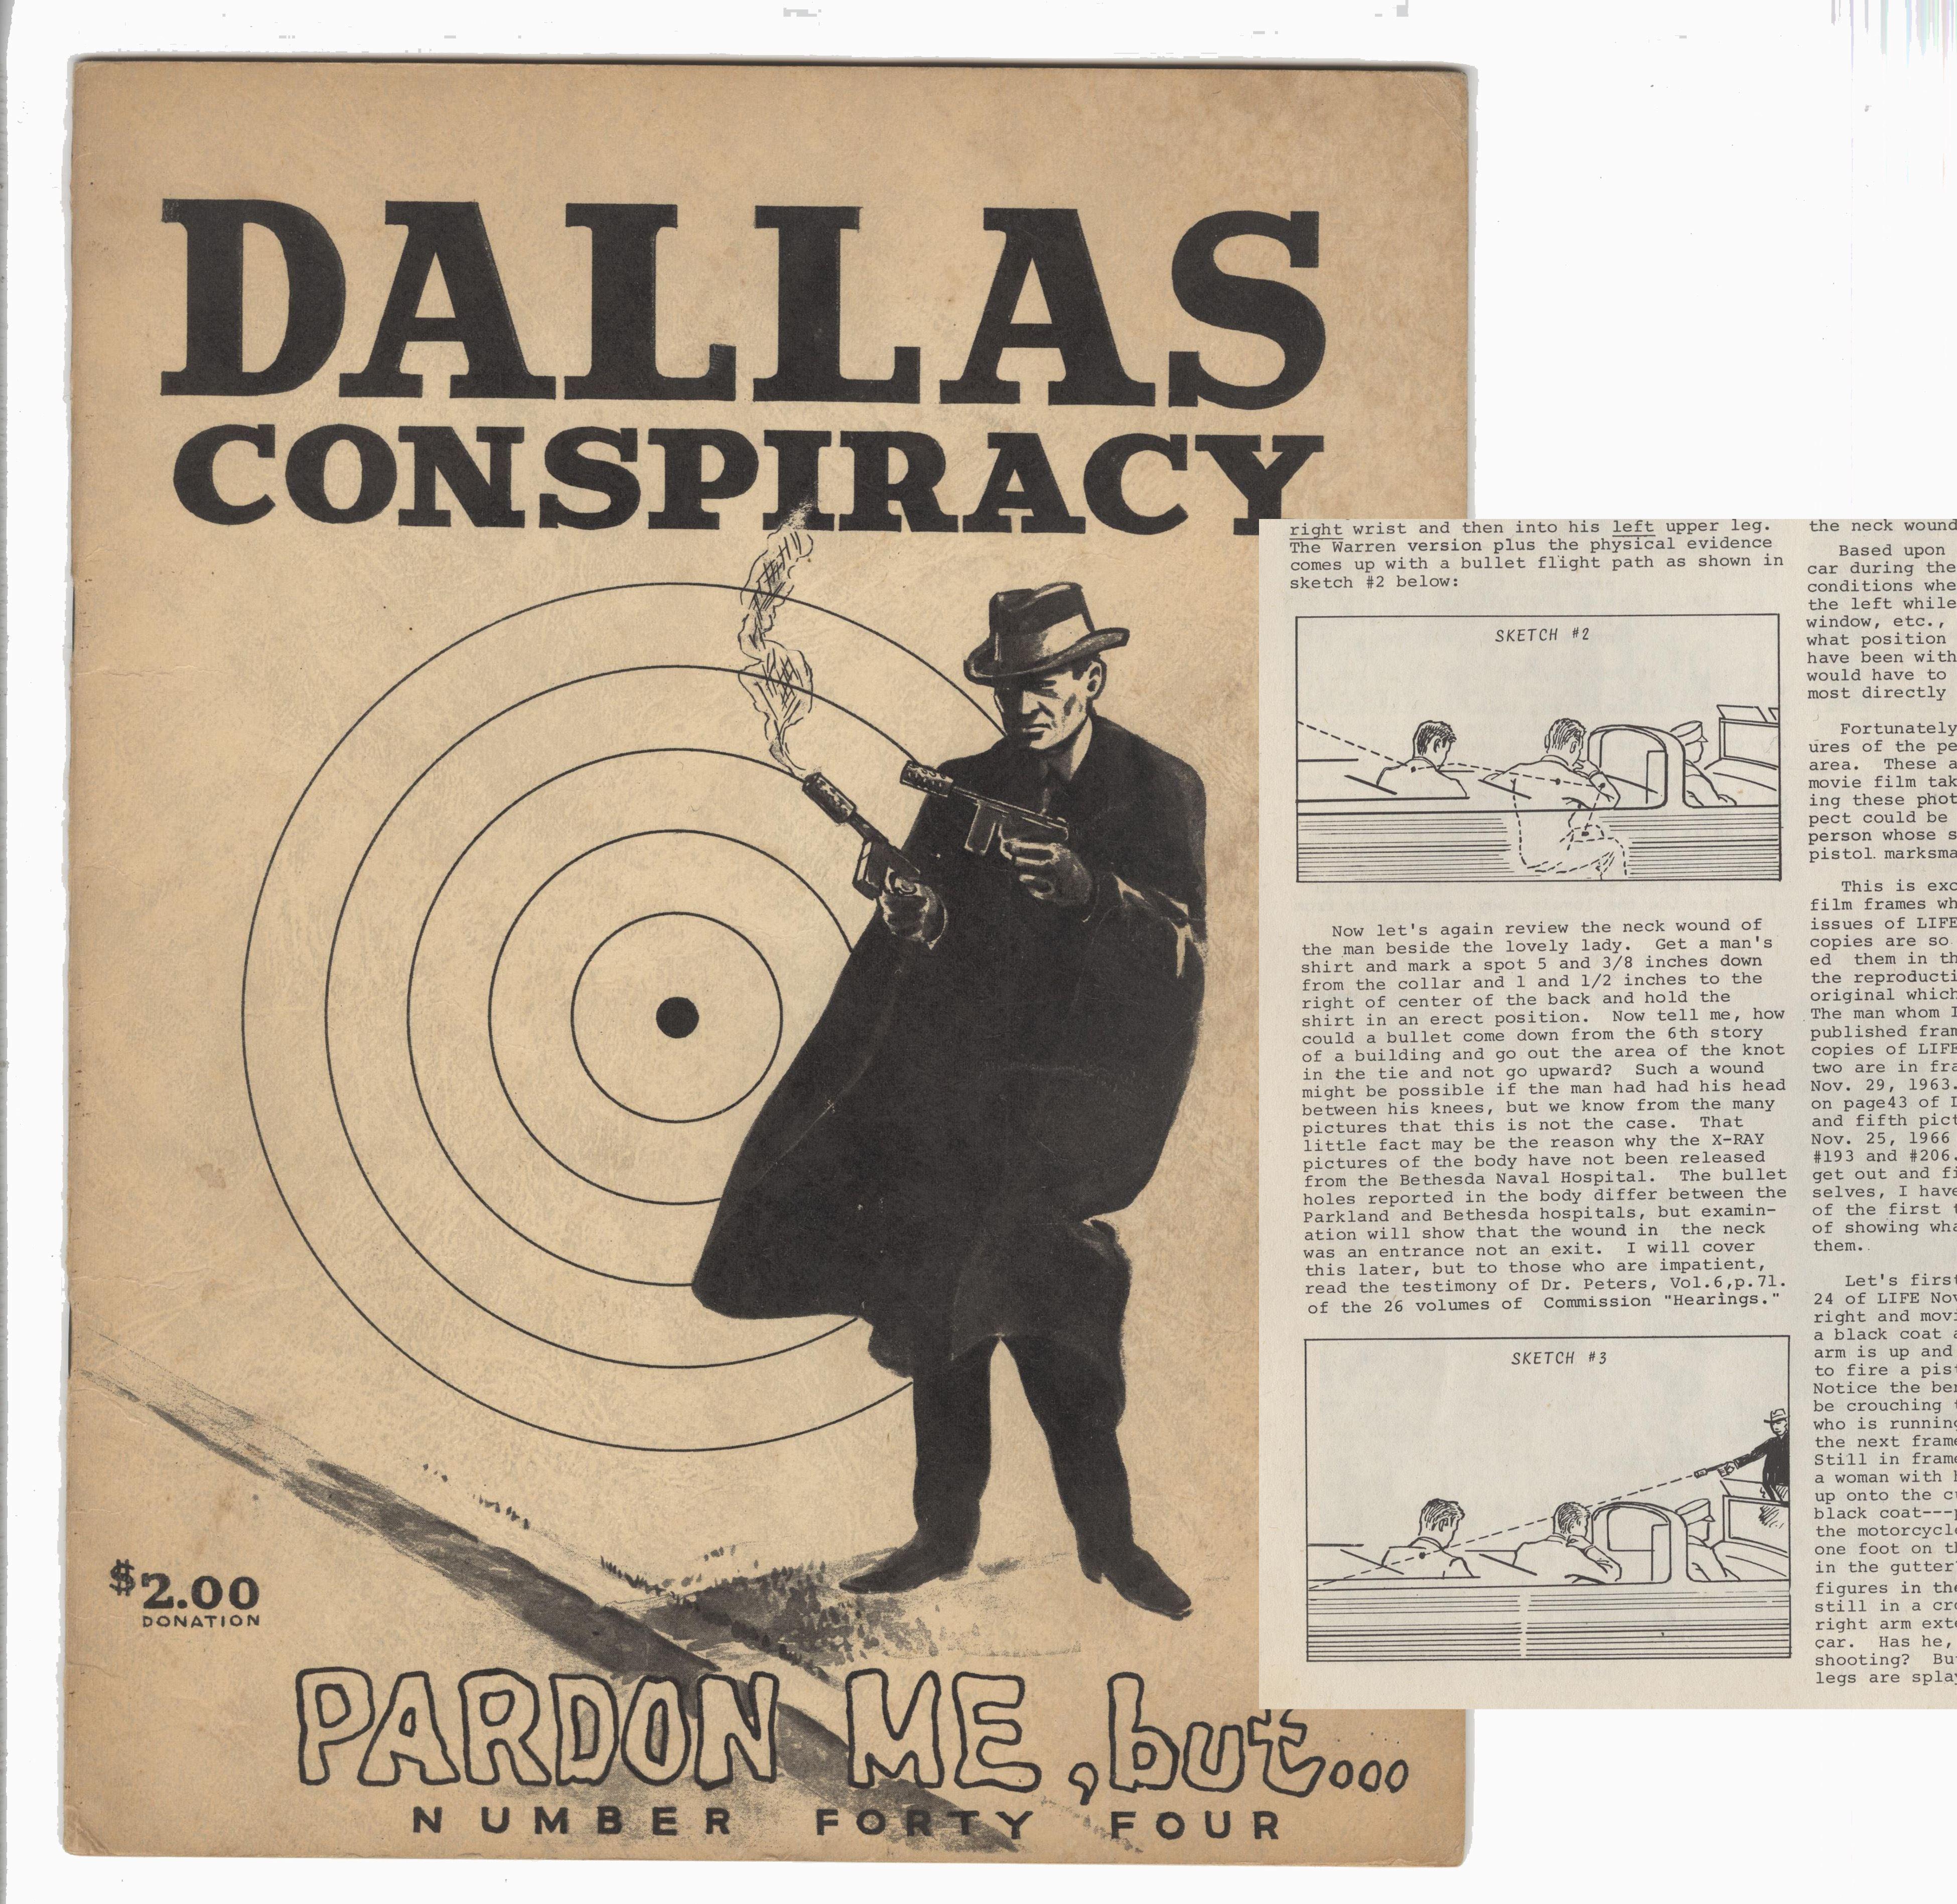 """President Kennedy Rare Conspiracy Publication """"Dallas Conspiracy"""""""